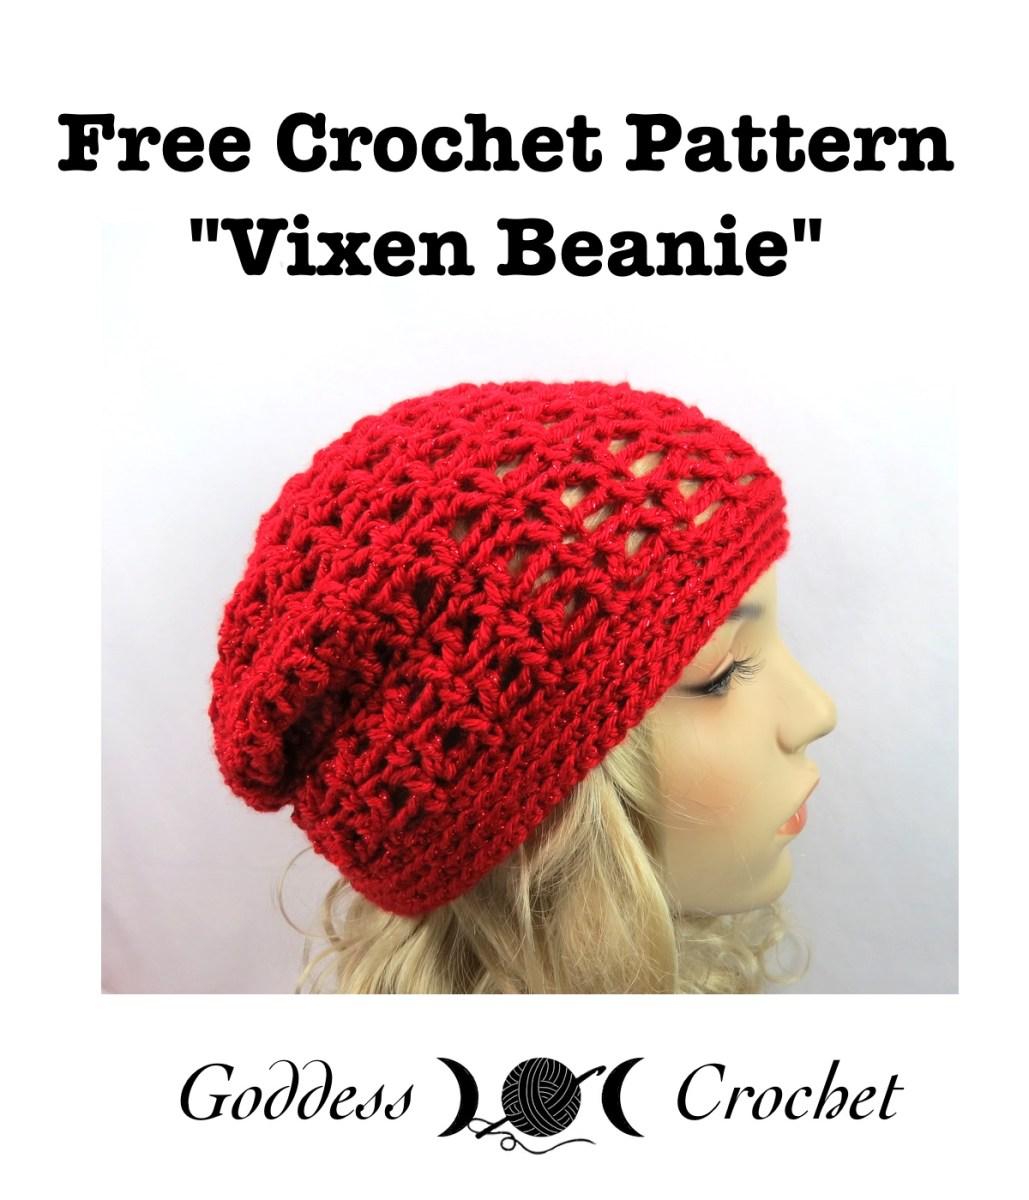 Vixen Beanie Free Crochet Pattern Goddess Crochet